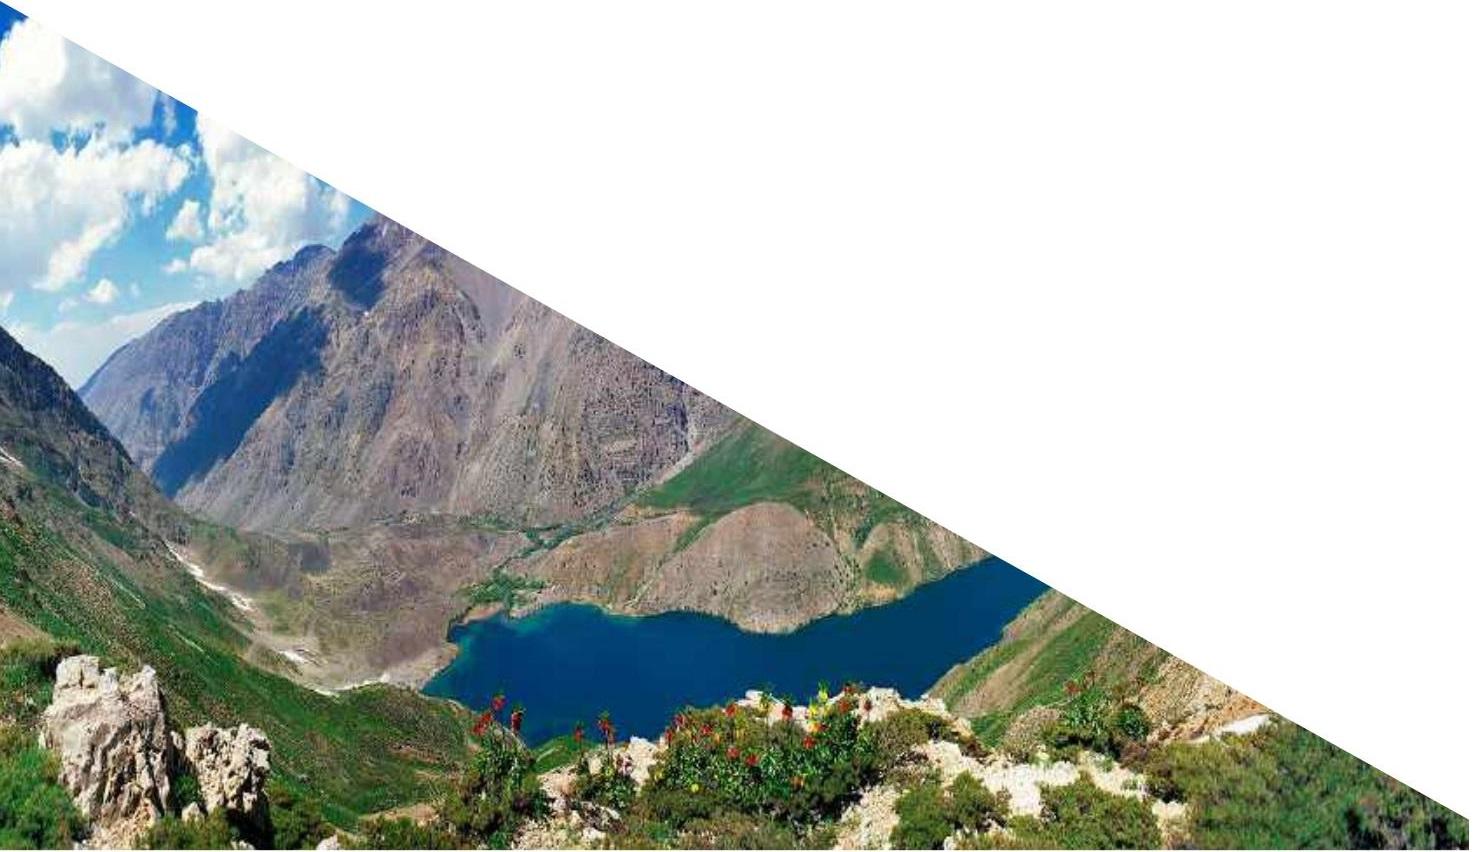 شگفتی های دریاچه گهر لرستان + عکس